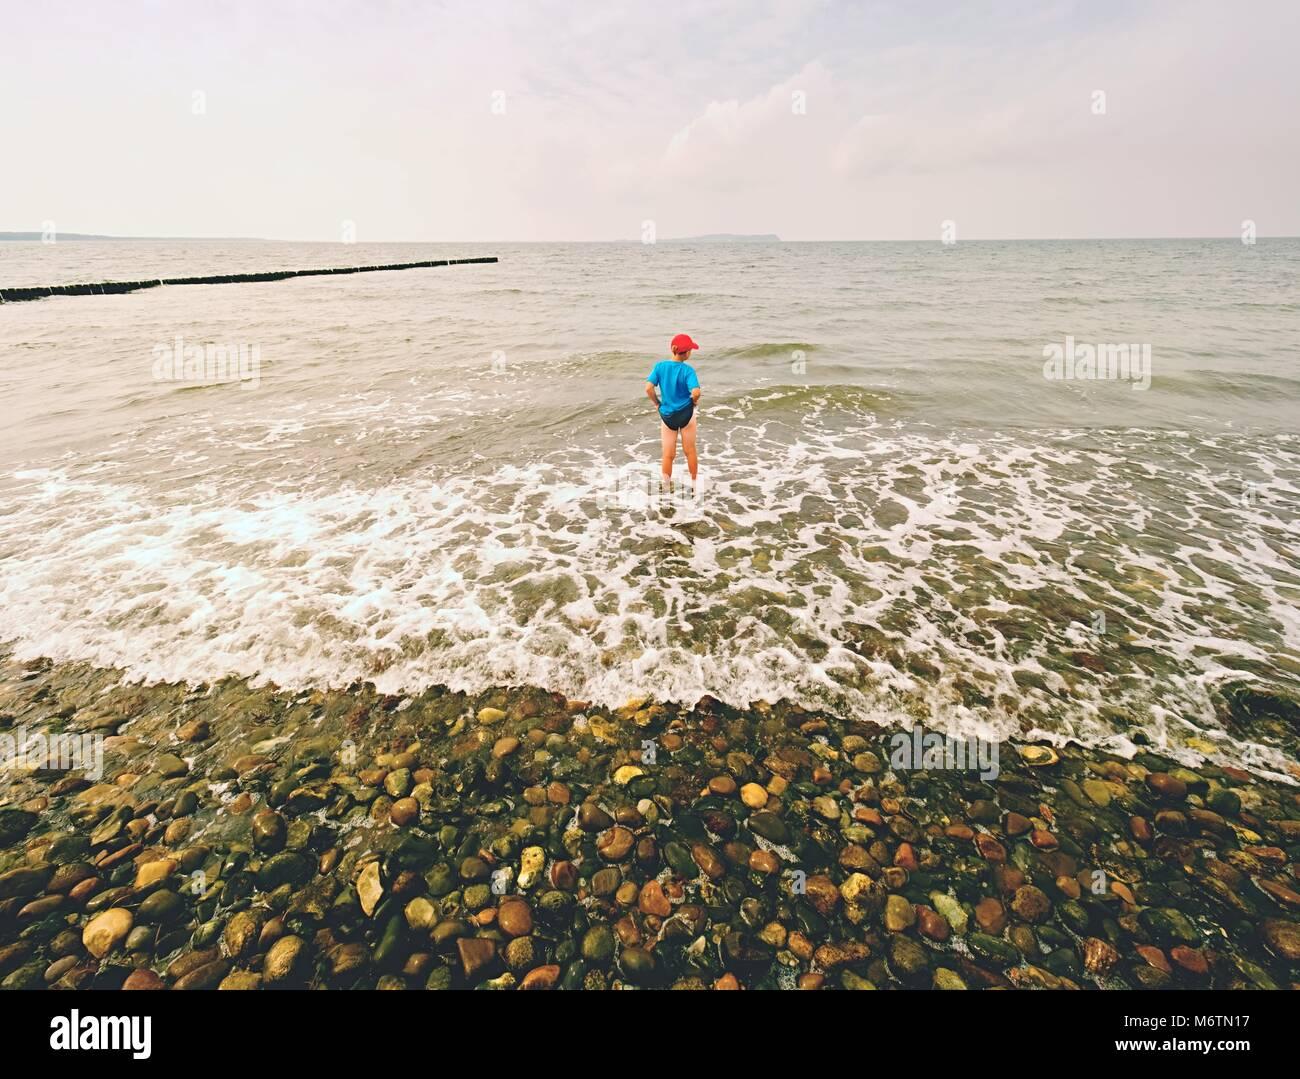 Junge in Blau Schwarz sportliche Kleidung Aufenthalt in kalten schäumende Meer. Blonde Haare Kind in Wellen Stockbild